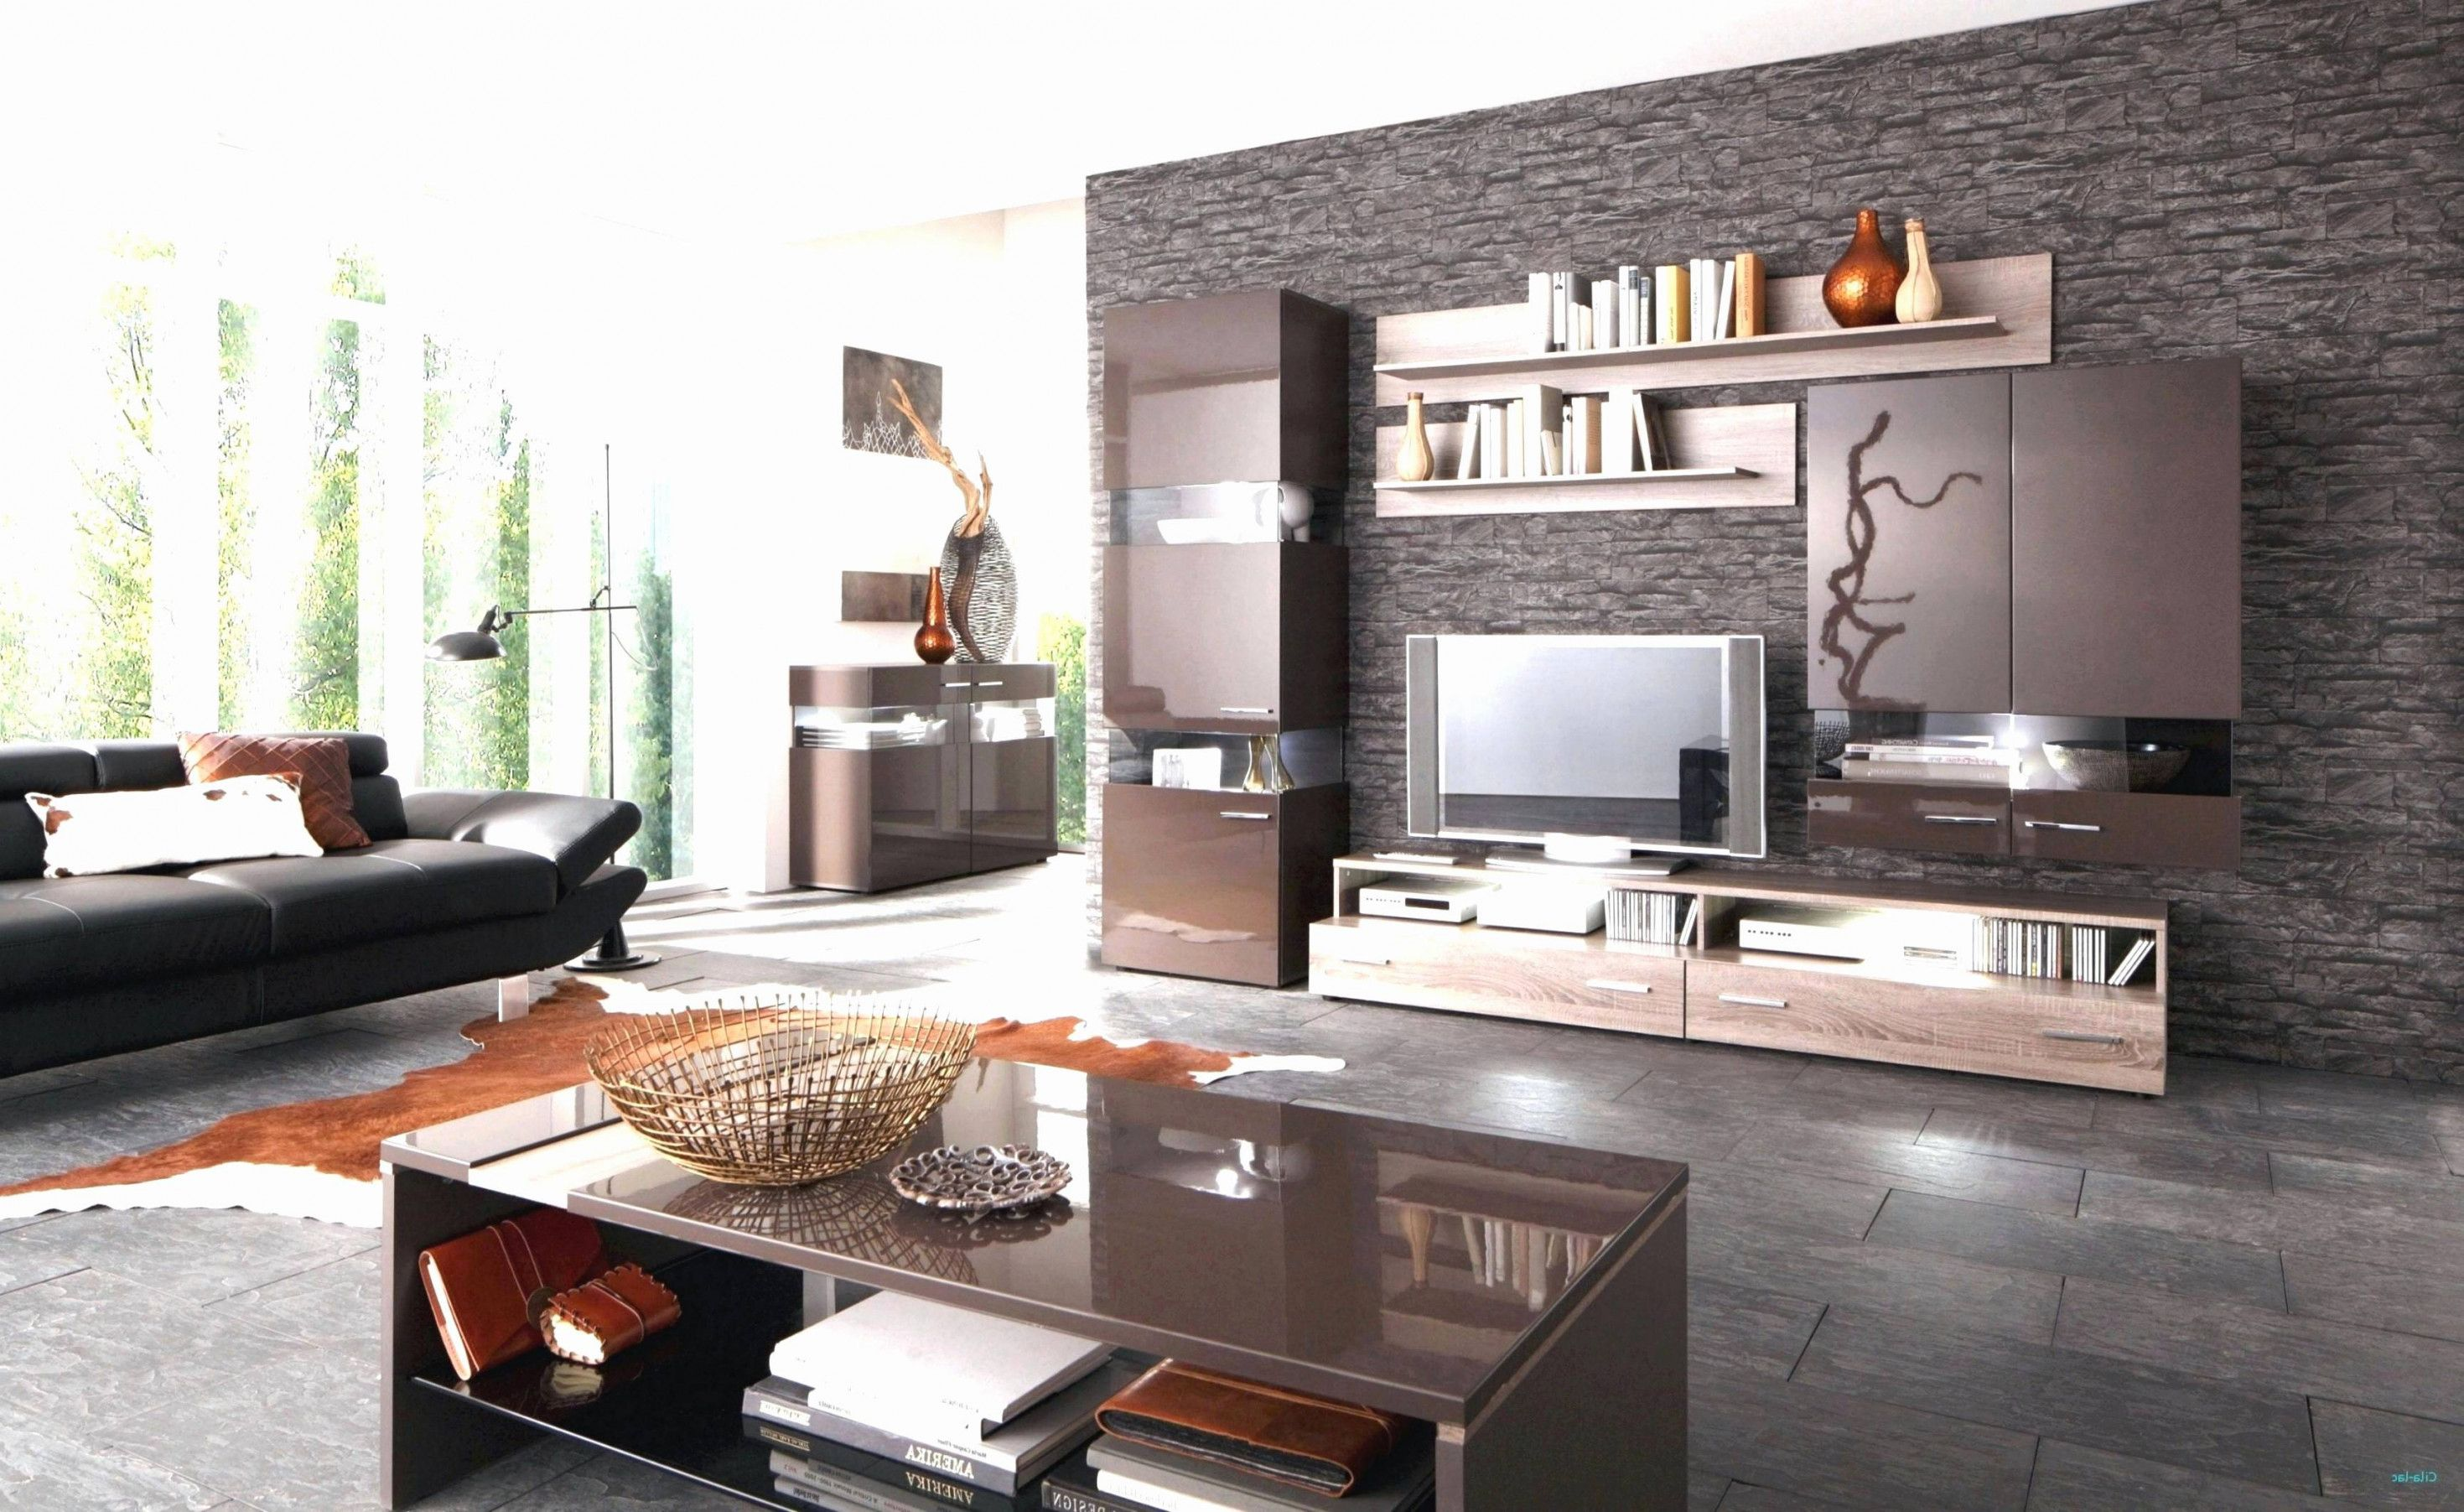 Best Of Holz Deko Wand Wohnzimmer Concept von Dekoration